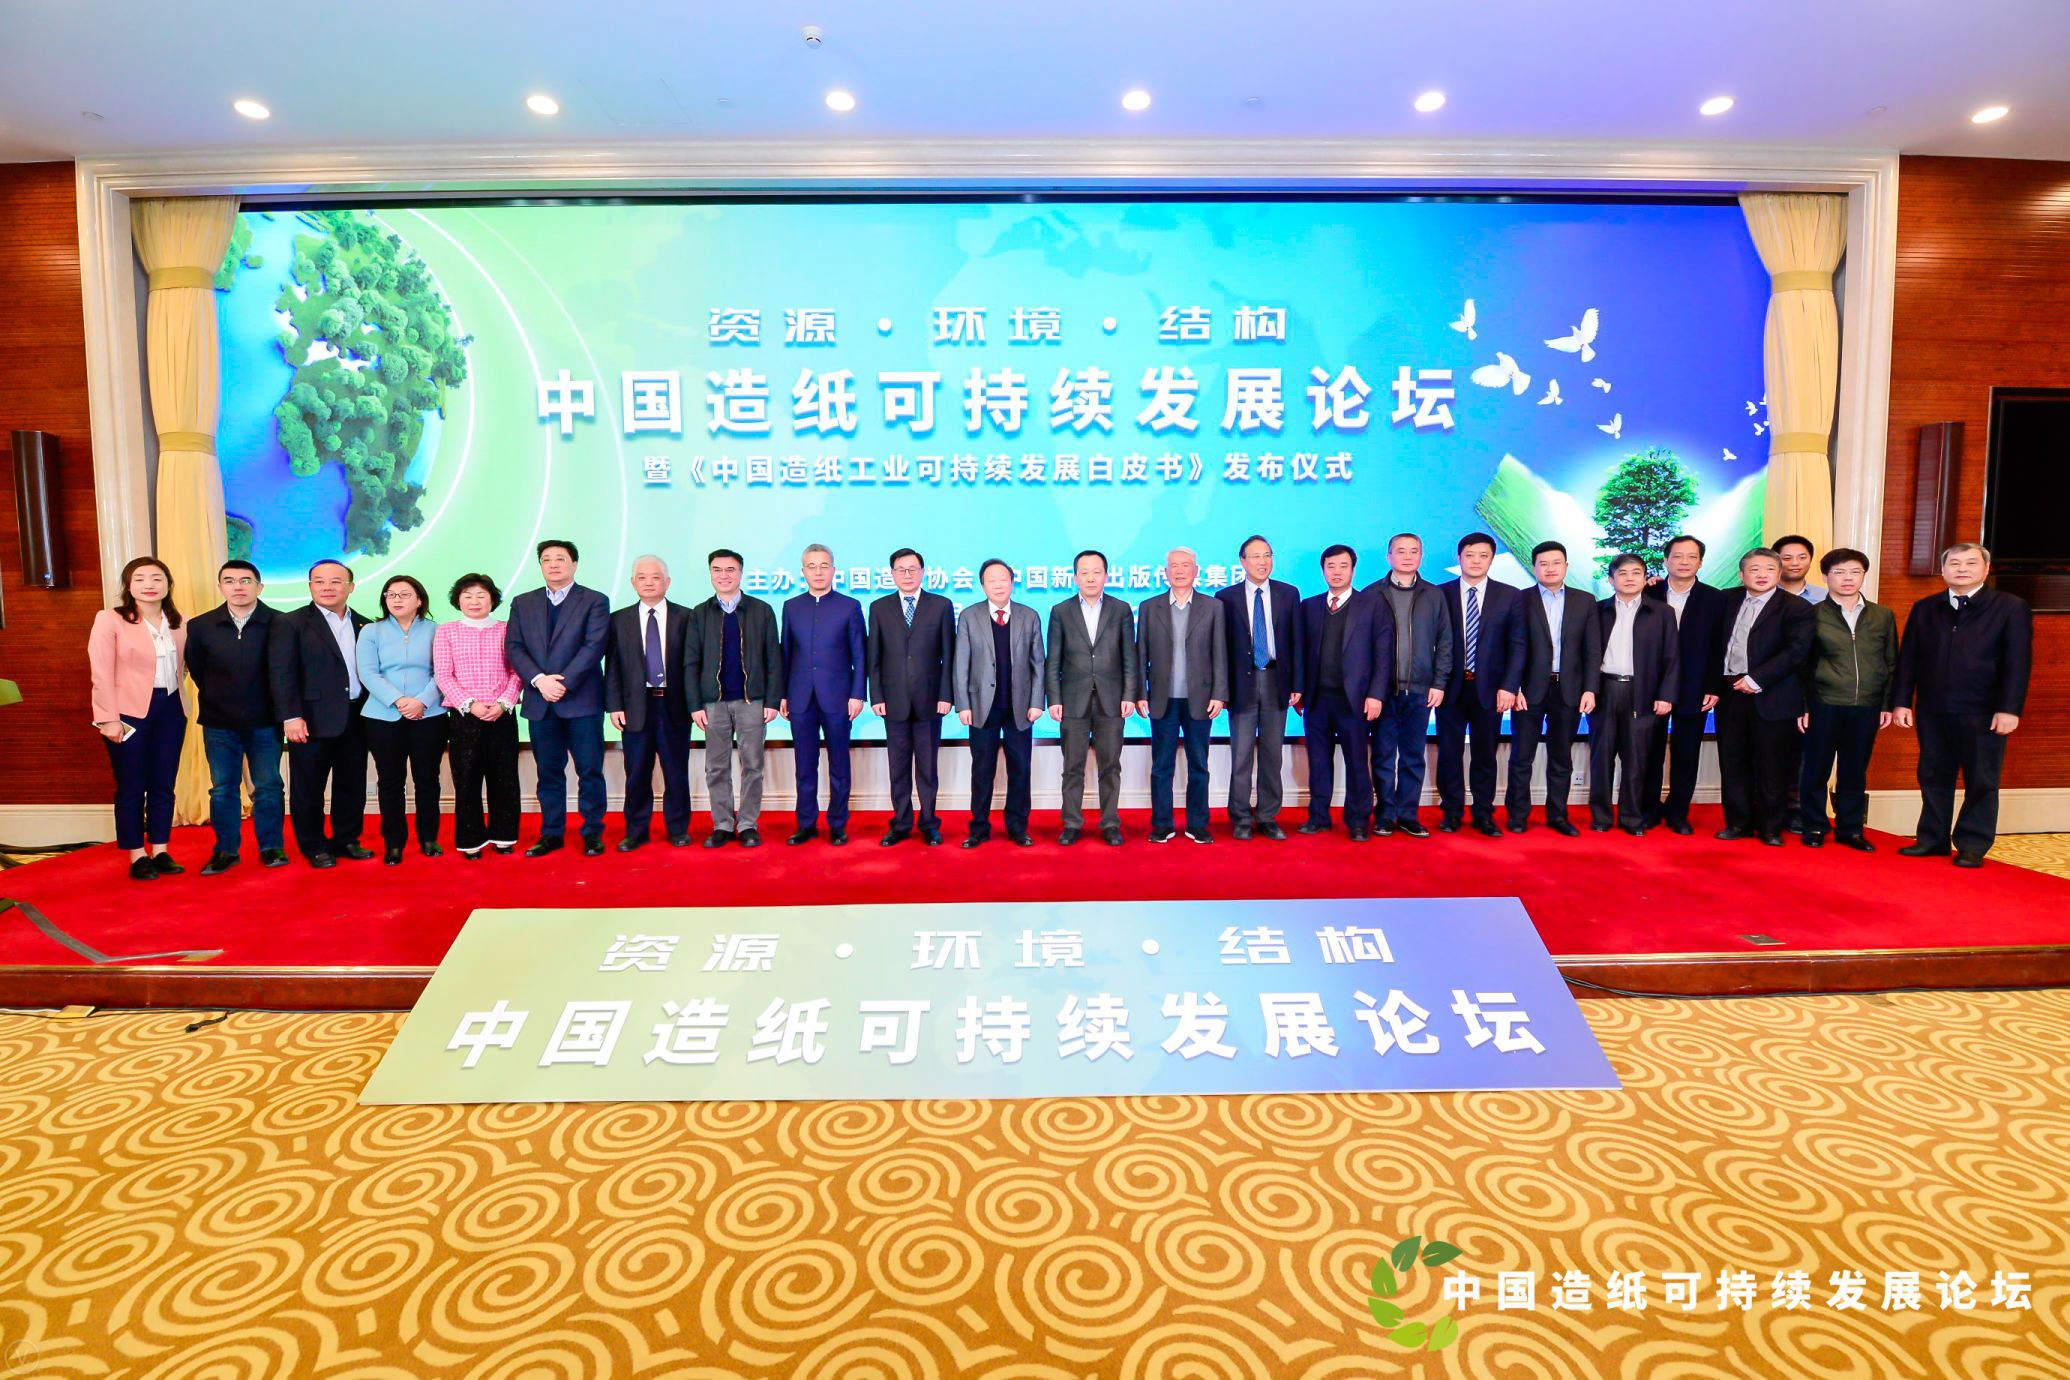 中国造纸可持续发展论坛暨《中国造纸工业可持续发展白皮书》发布仪式在京举行